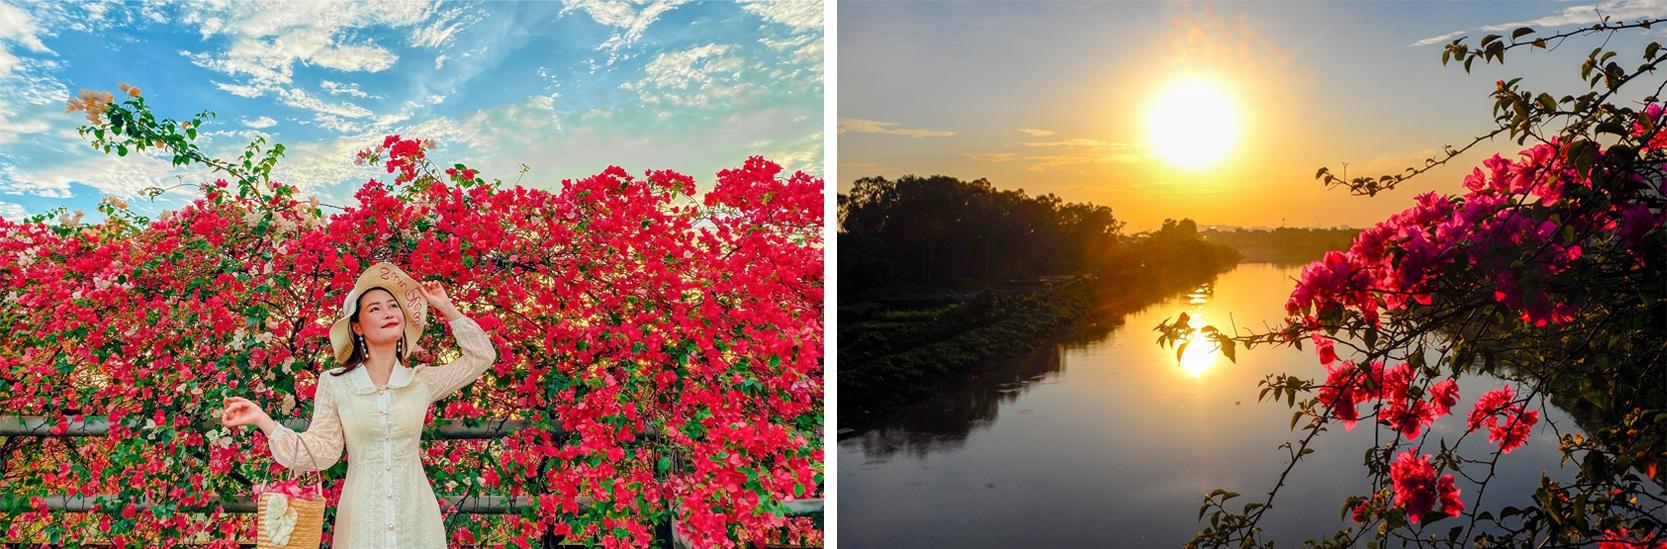 Ngắm thành phố xanh Ecopark đẹp mê mẩn trong mùa hoa giấy - 4